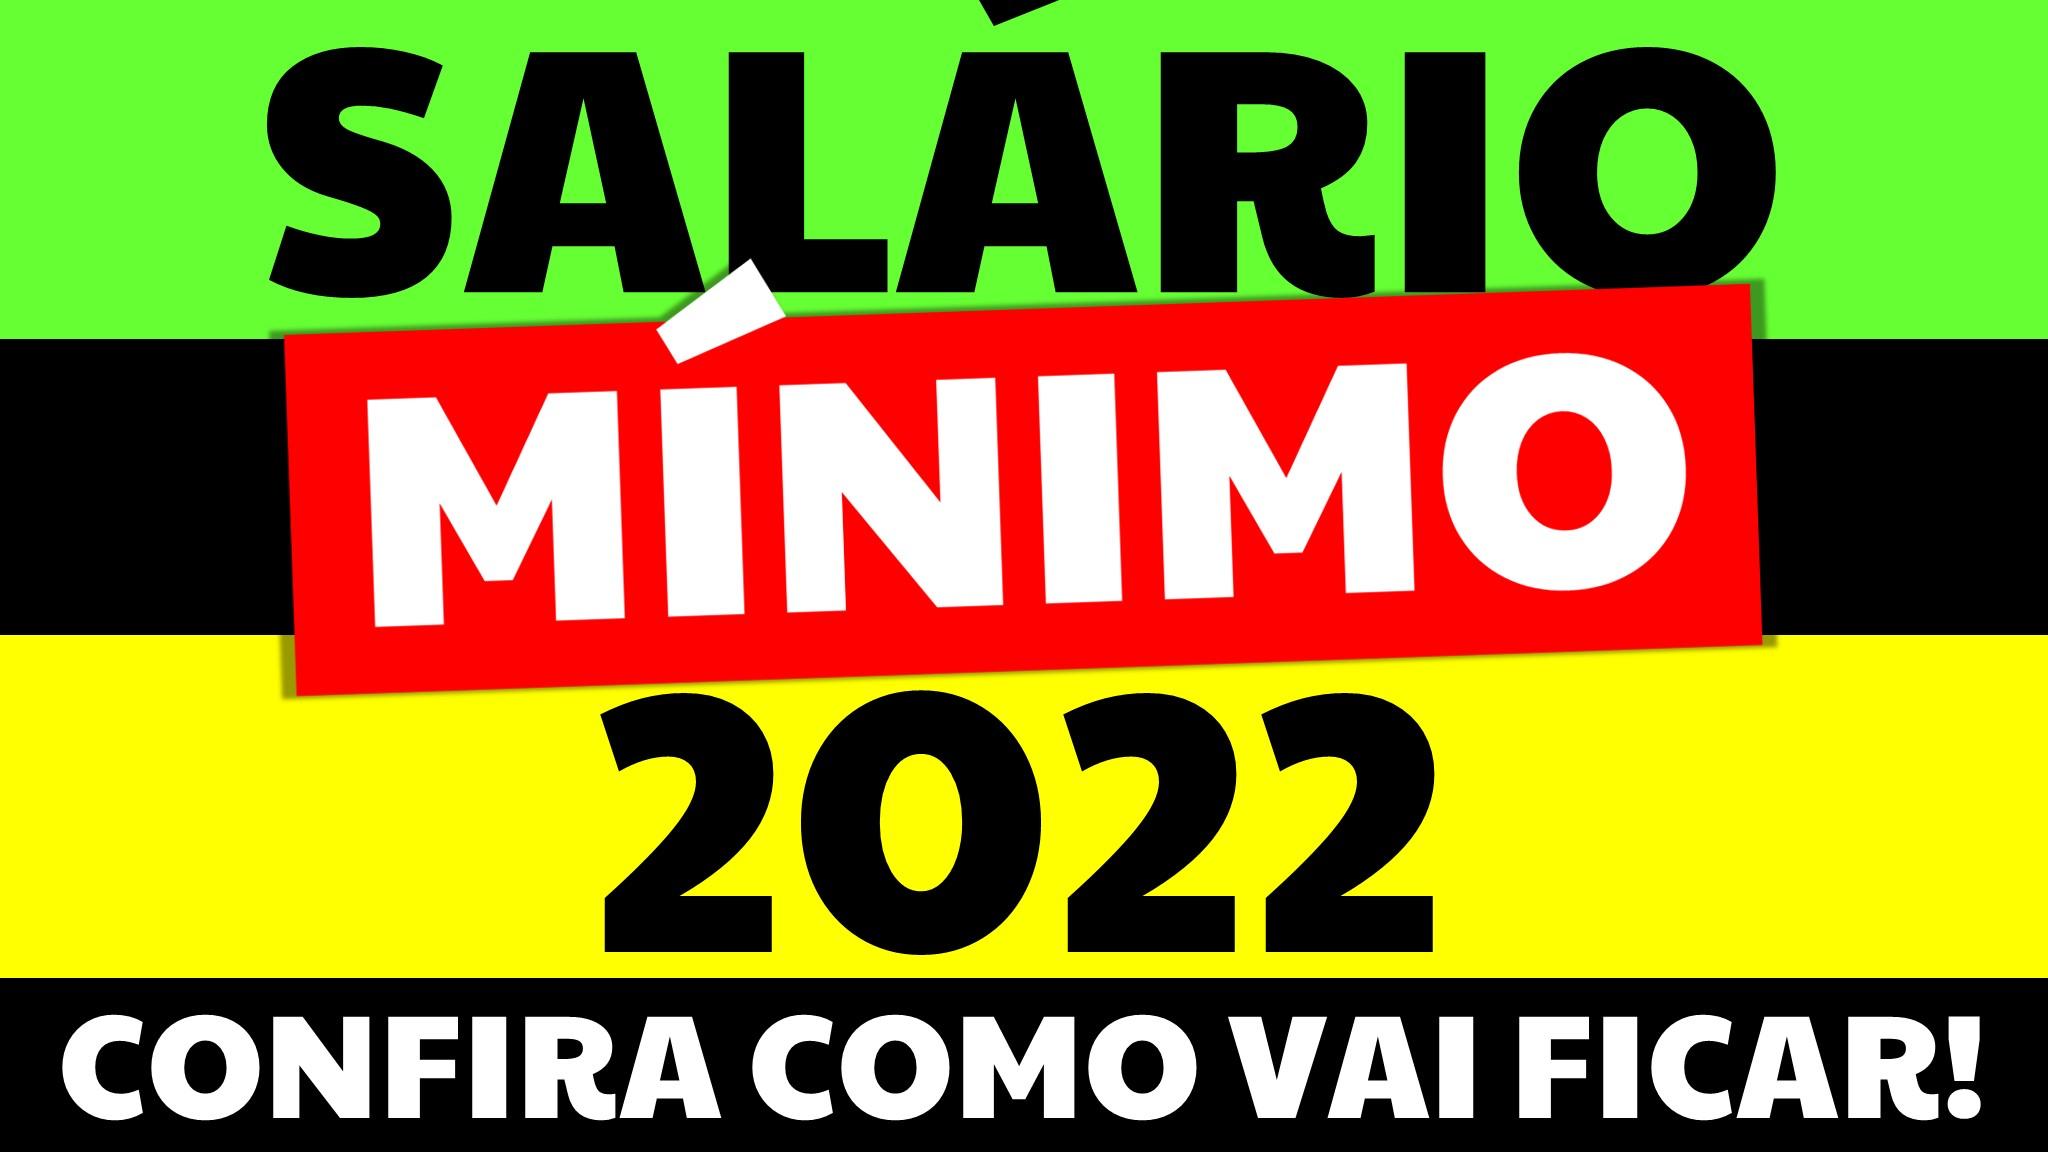 You are currently viewing Salário Mínimo 2022 Aprovado! Qual será o valor do salário mínimo 2020?